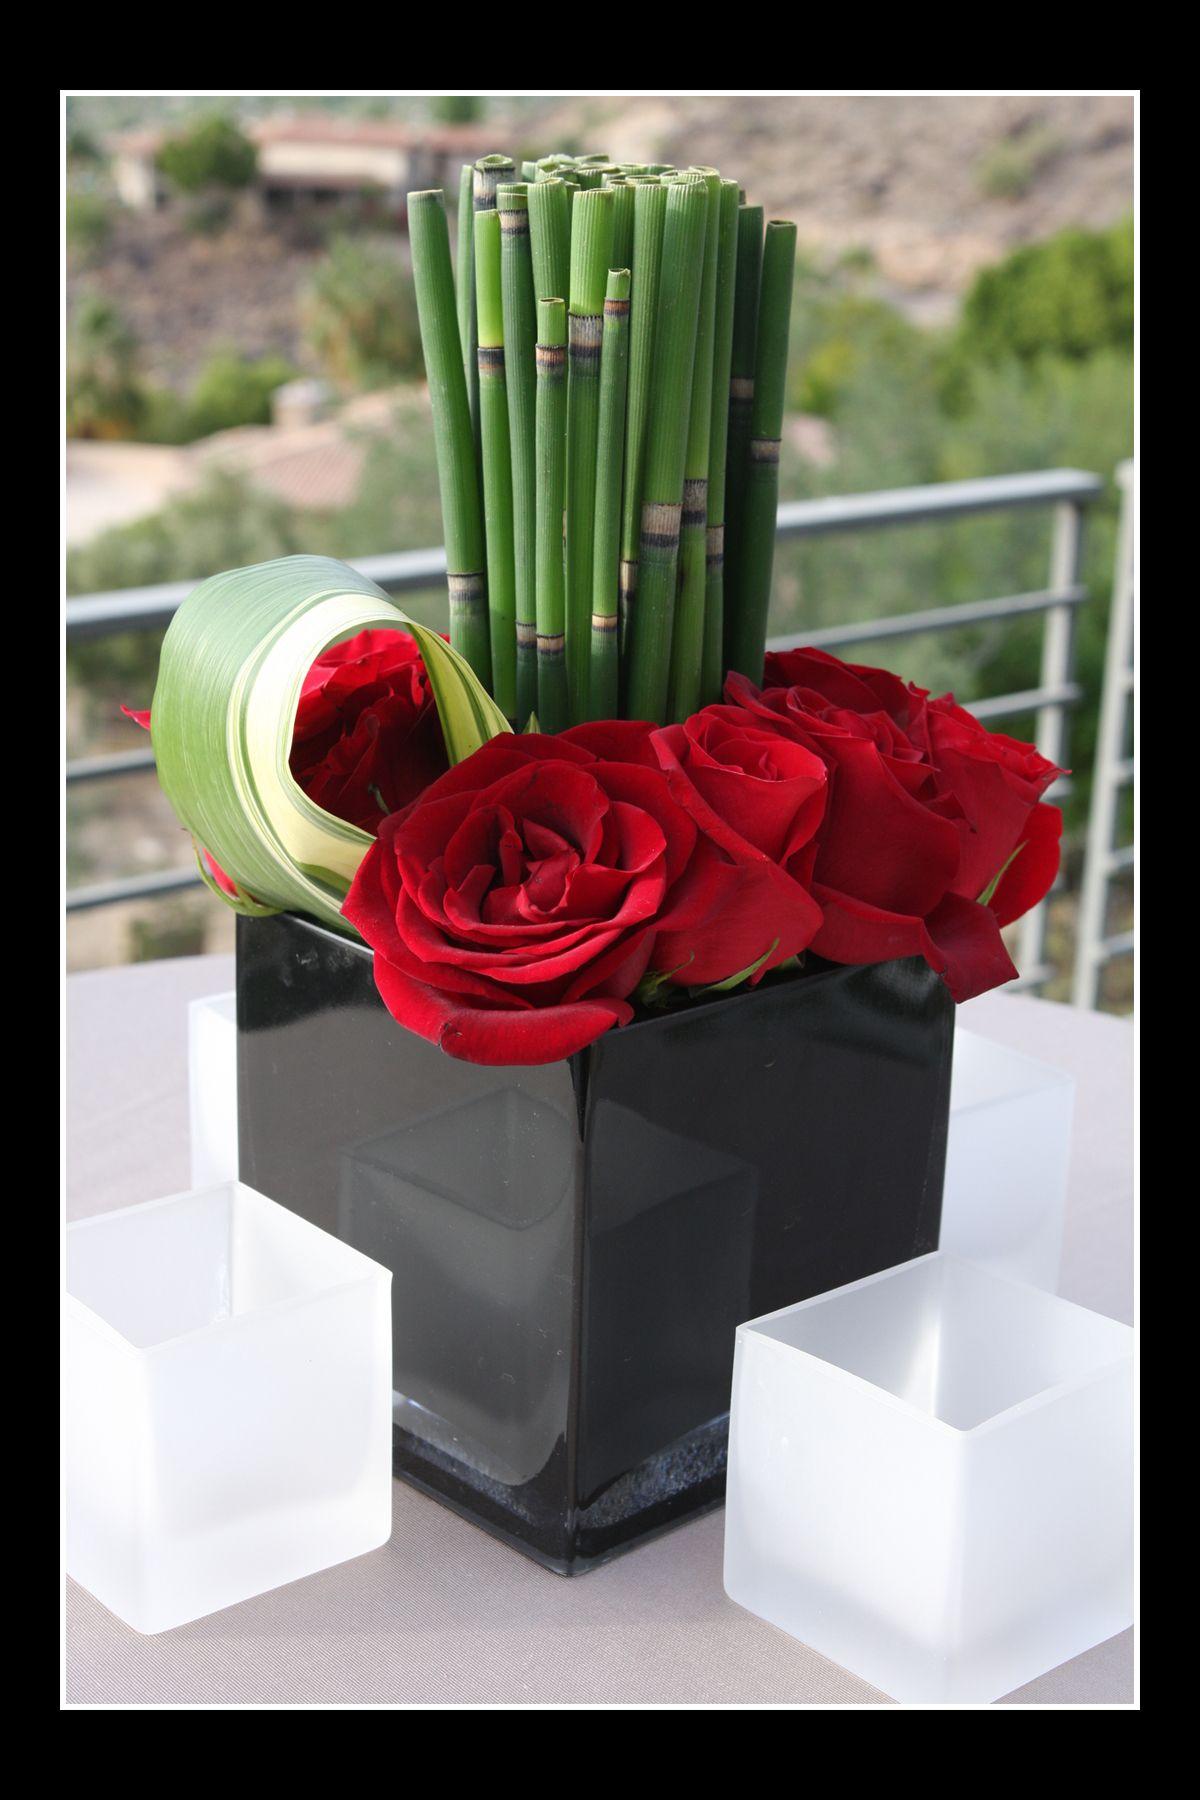 me encanta la sencillez de este arreglo floral rosas dracena cola de caballo - Arreglos Florales Modernos